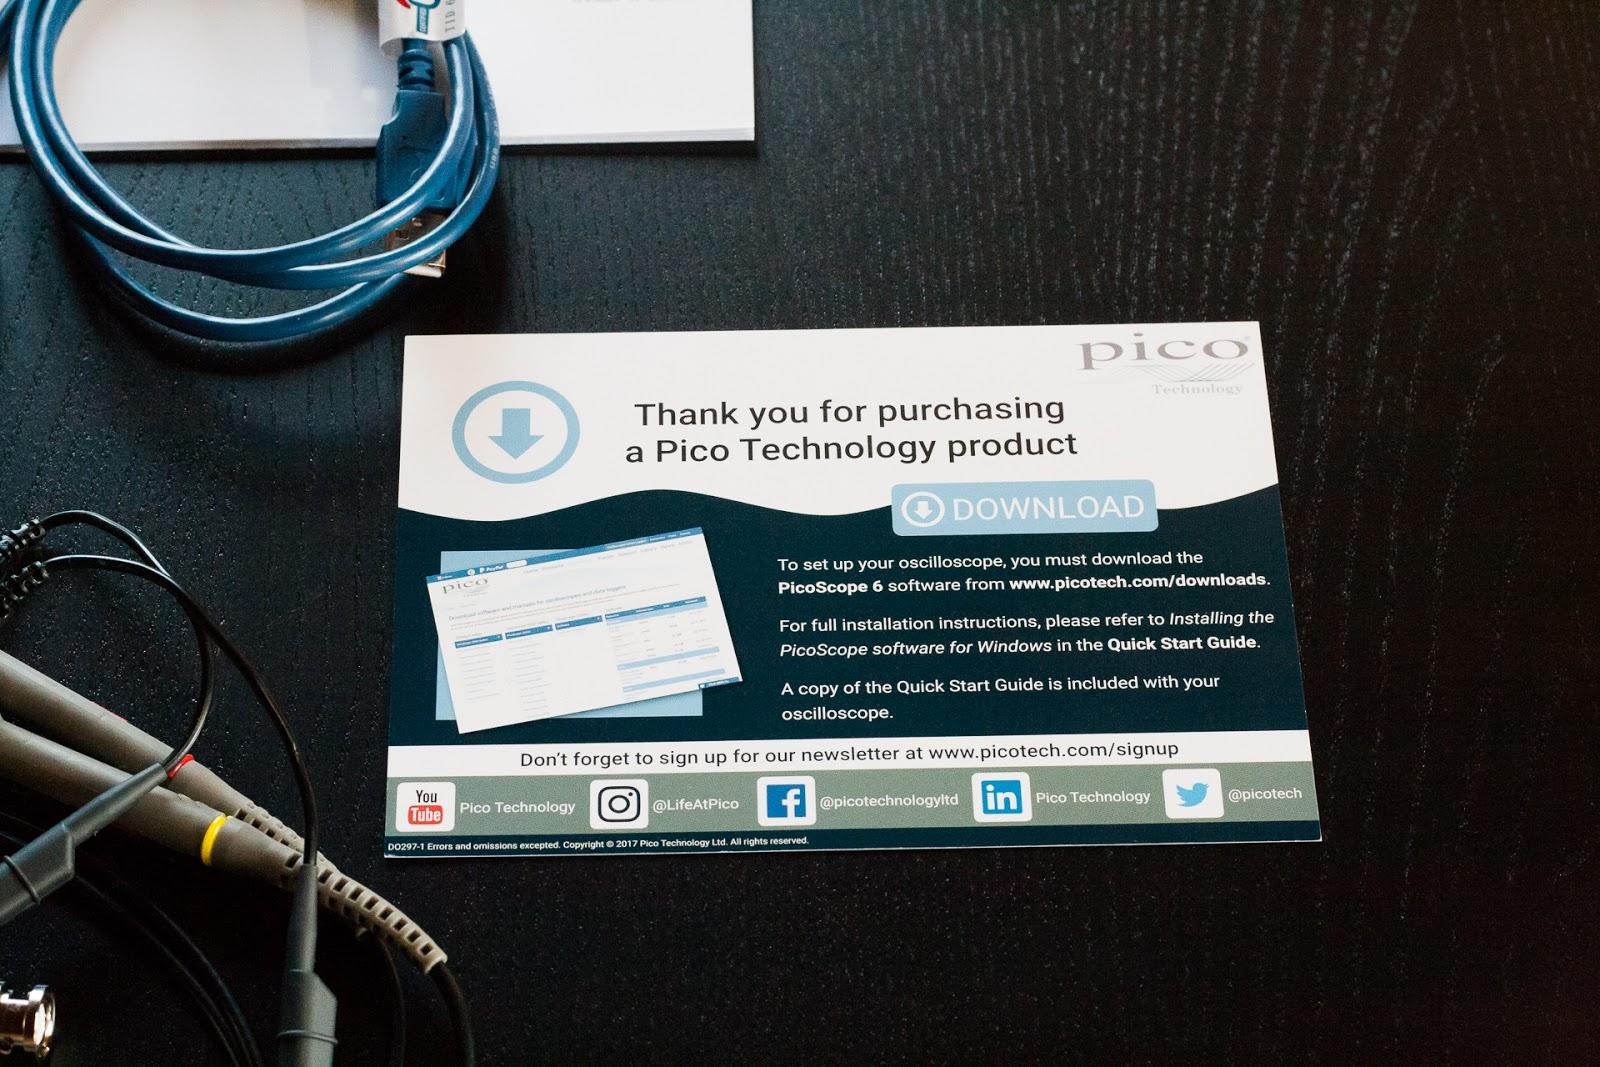 Remerciements de Pico Technologies et informations de contact par Internet